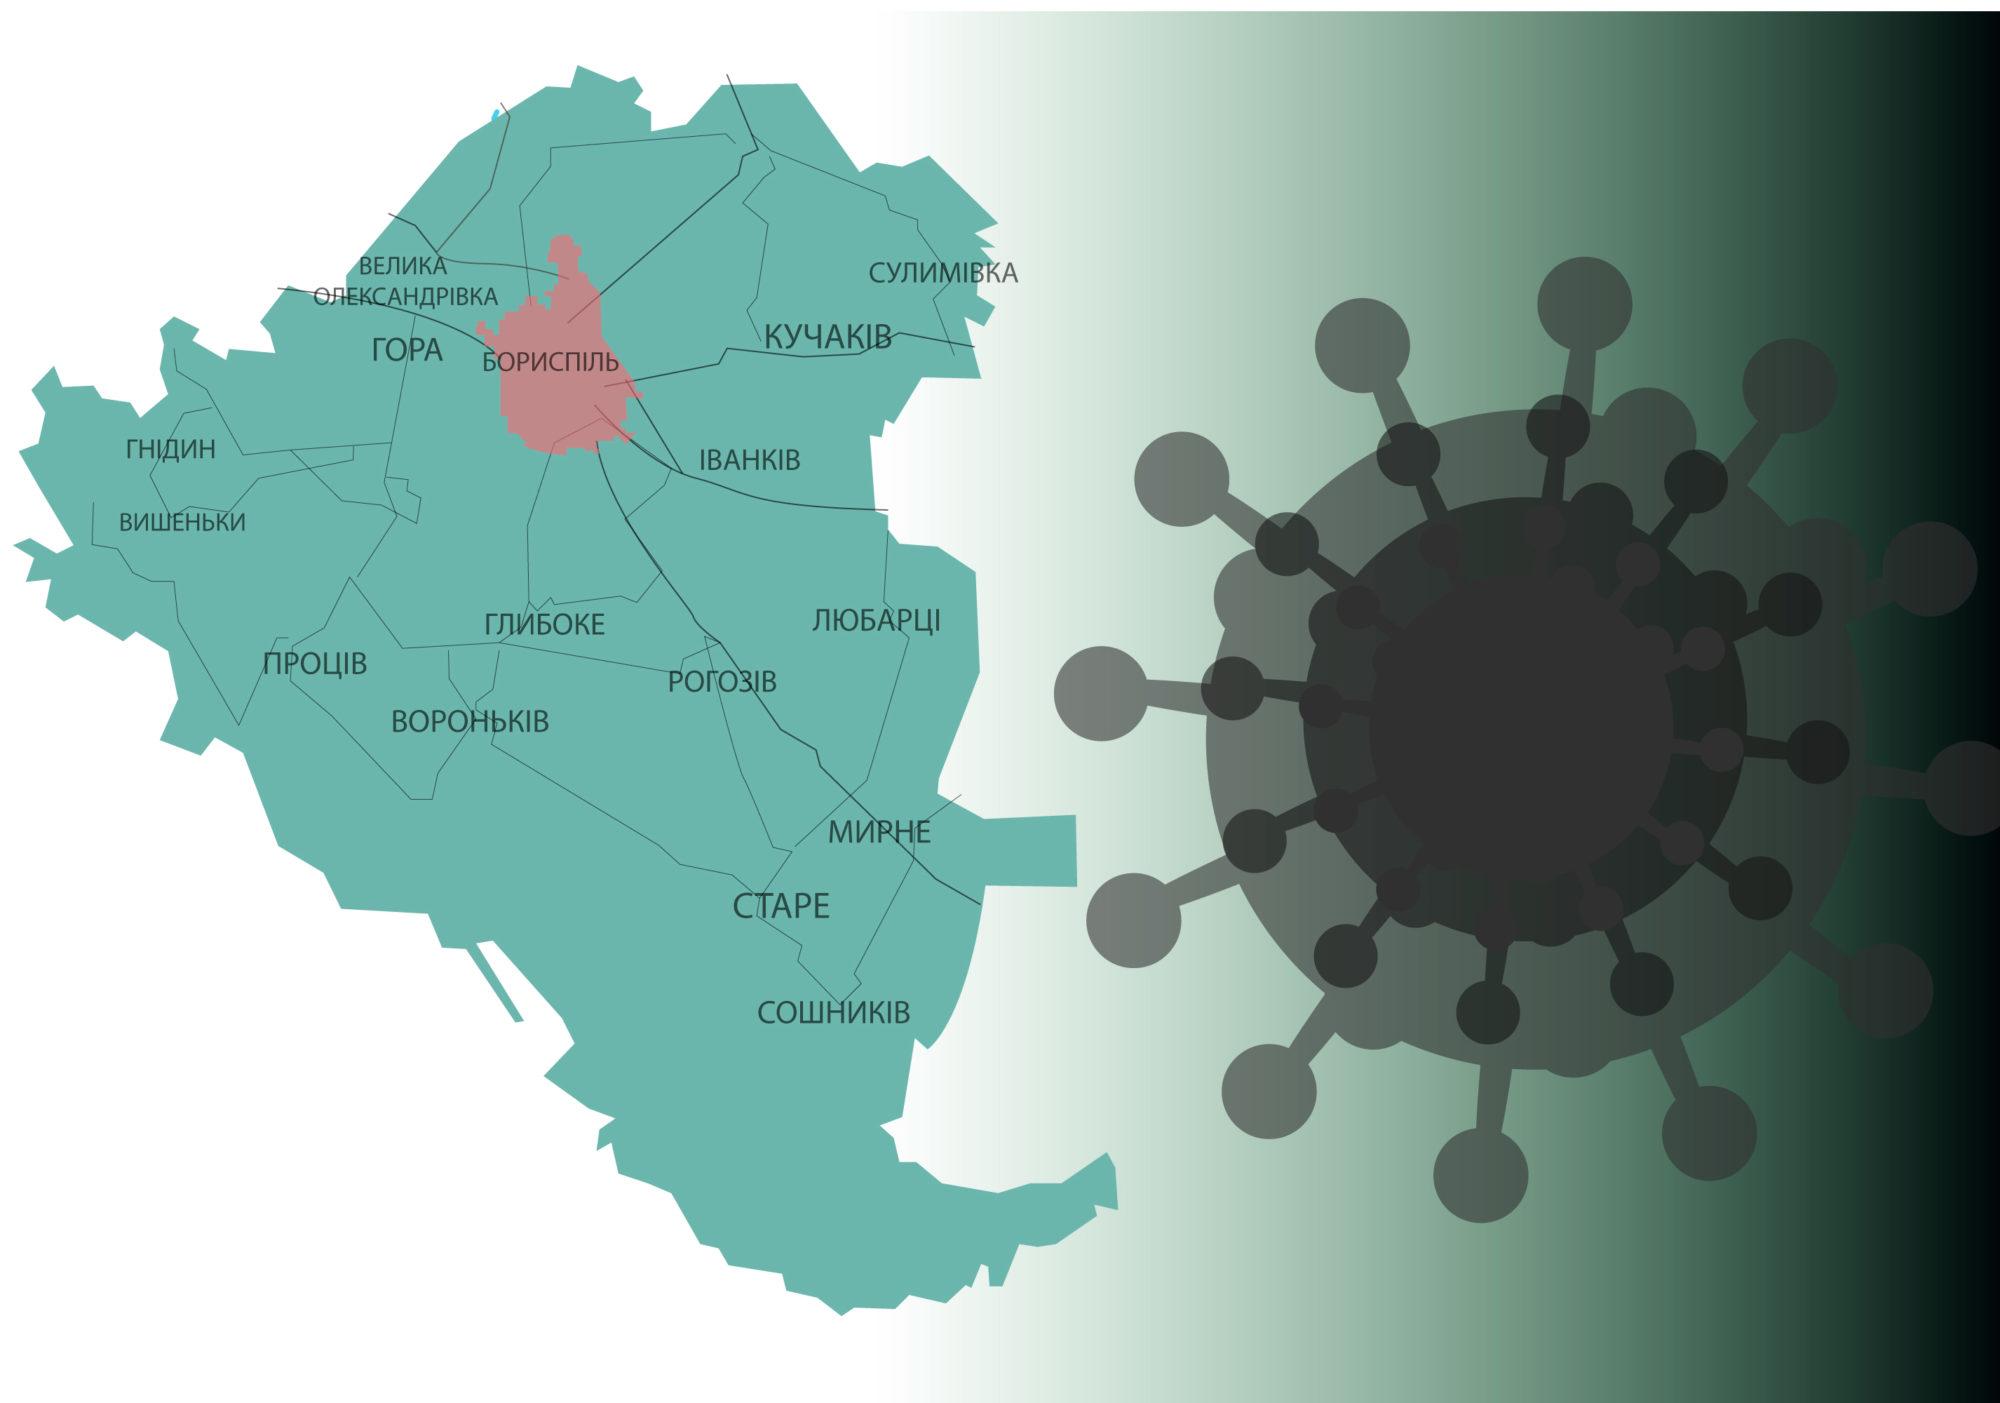 Бориспільщина: кількість хворих на  COVID-19 з минулого тижня залишається незмінною -  - BORISPOL6 2000x1403